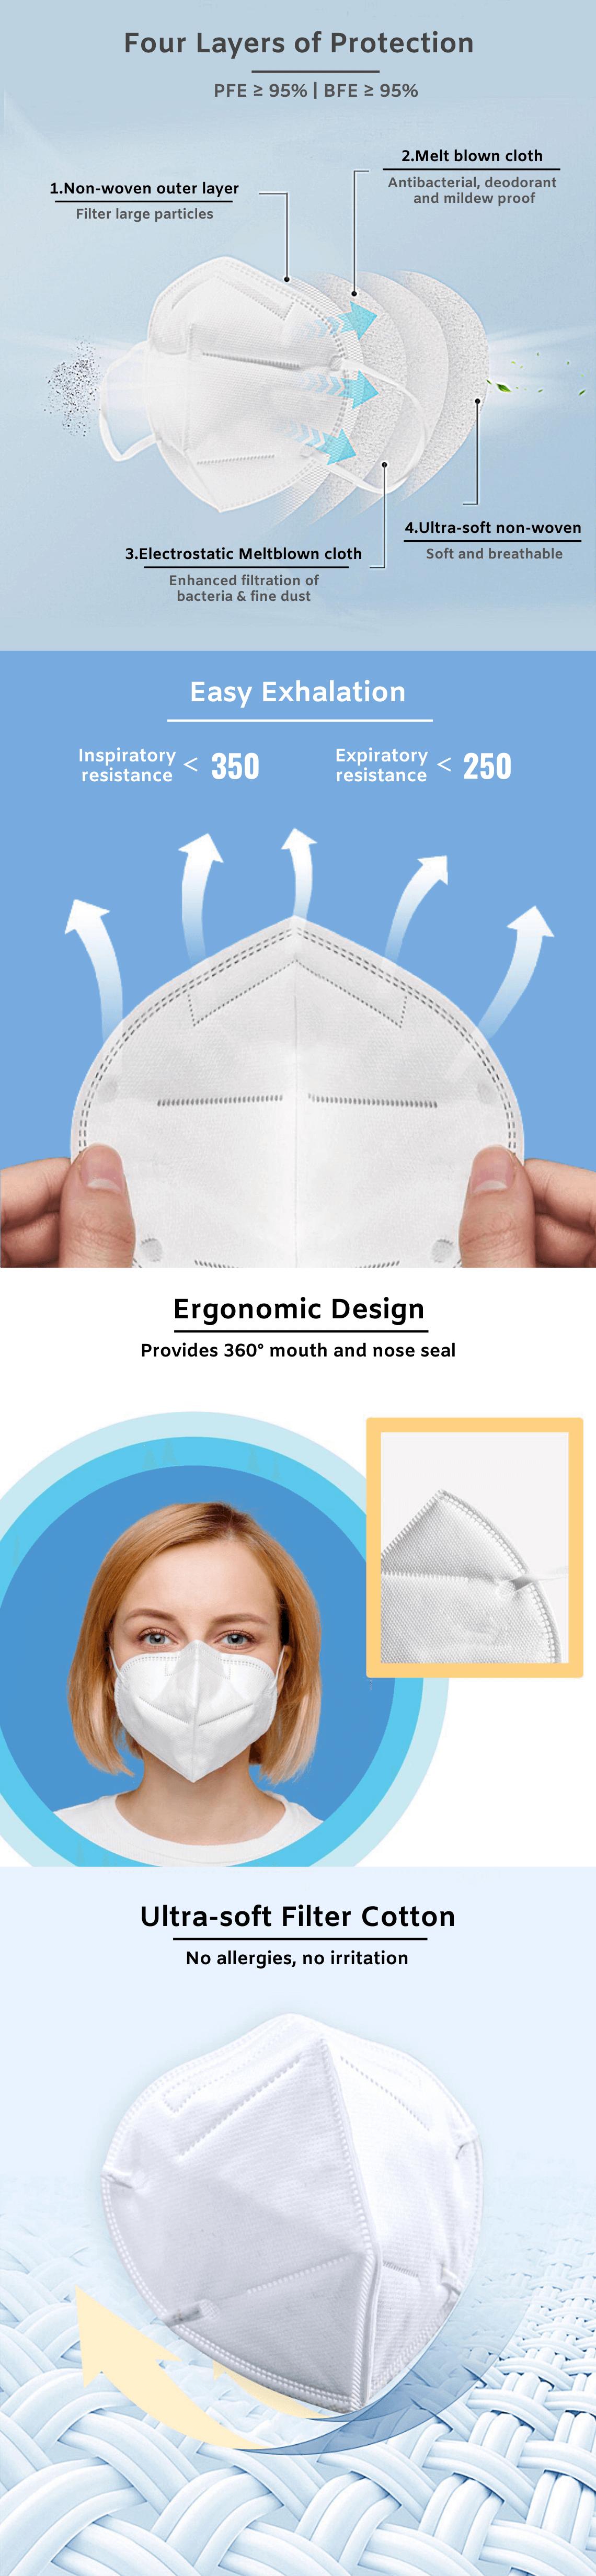 Pin on N95 Face Masks & Medical Masks